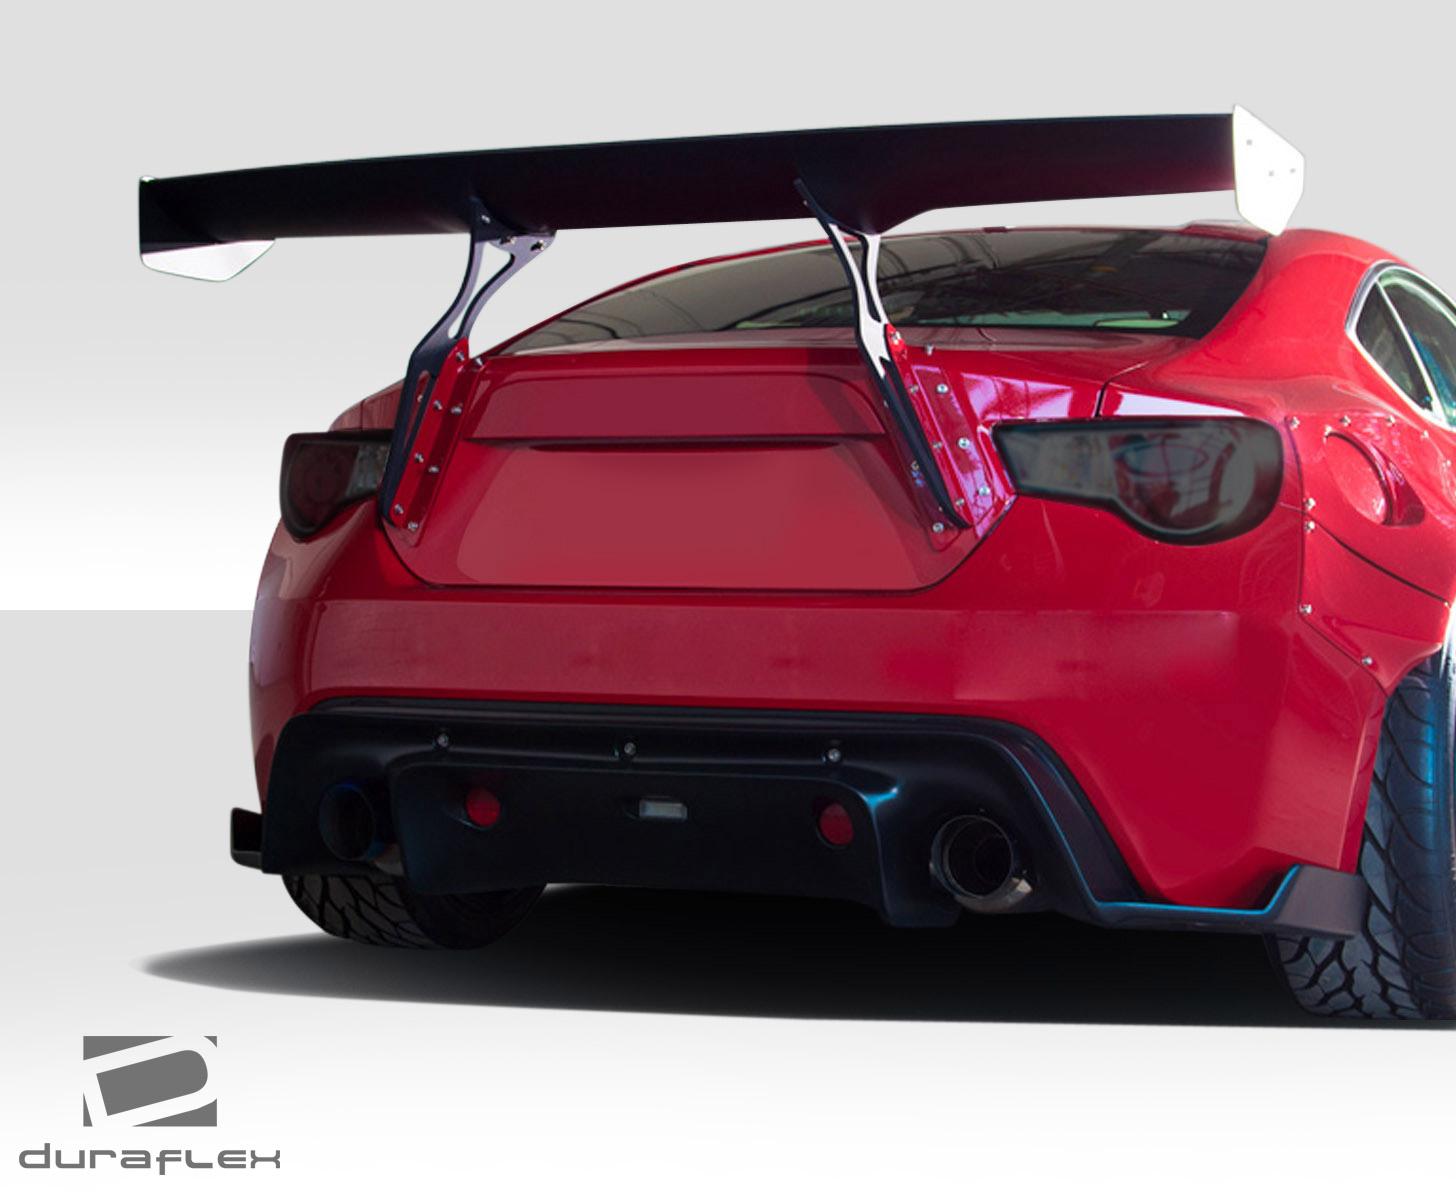 Scion Frs Parts >> Fits 13-15 Scion FR-S BRZ Duraflex GT500 Wing Trunk Lid Spoiler-1PC Body Kit | eBay